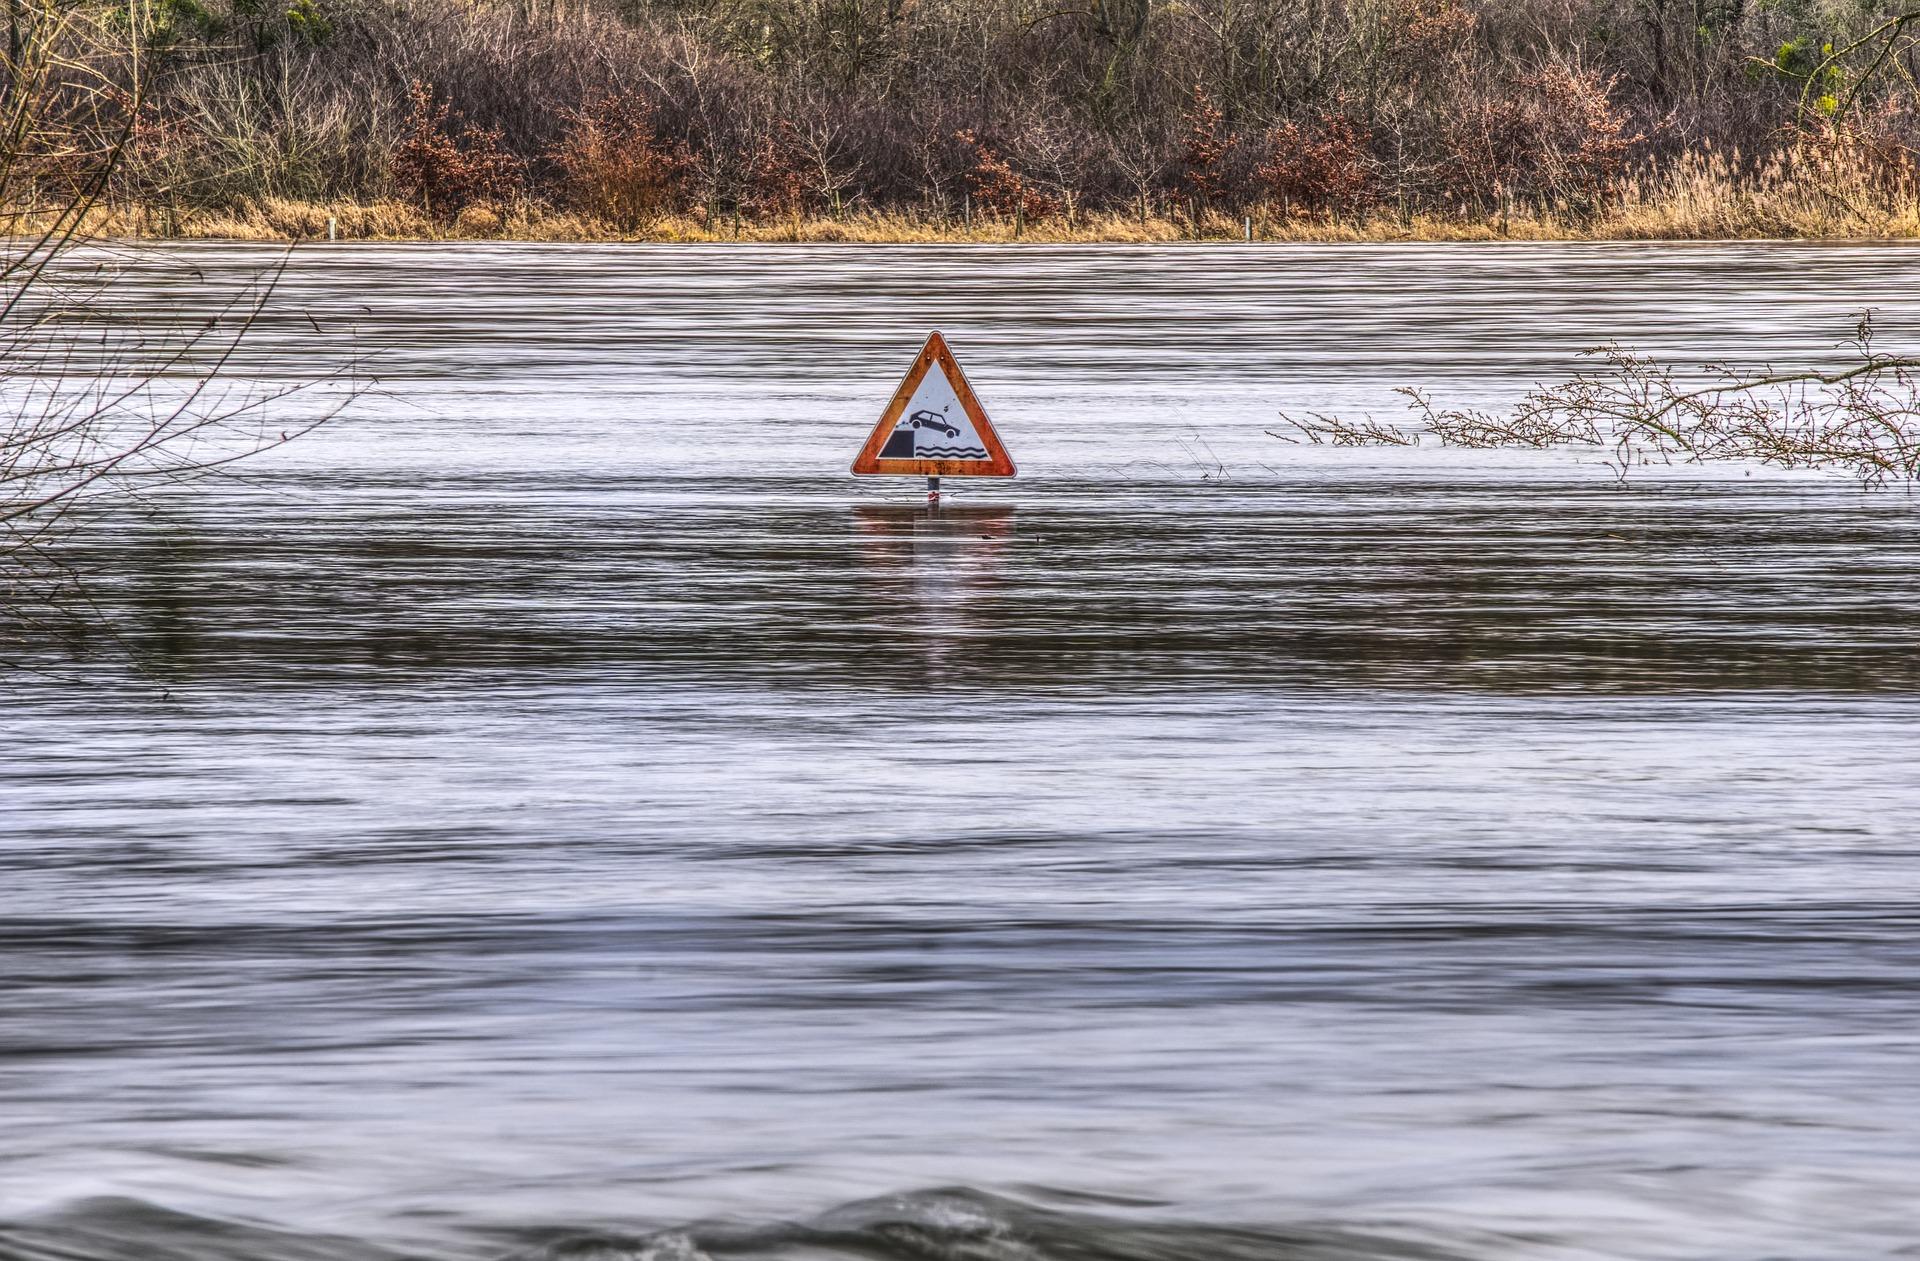 Los Socialistas criticamos la desidia y la falta de previsión del Gobierno de Navarra para evitar los daños que ocasionan las inundaciones